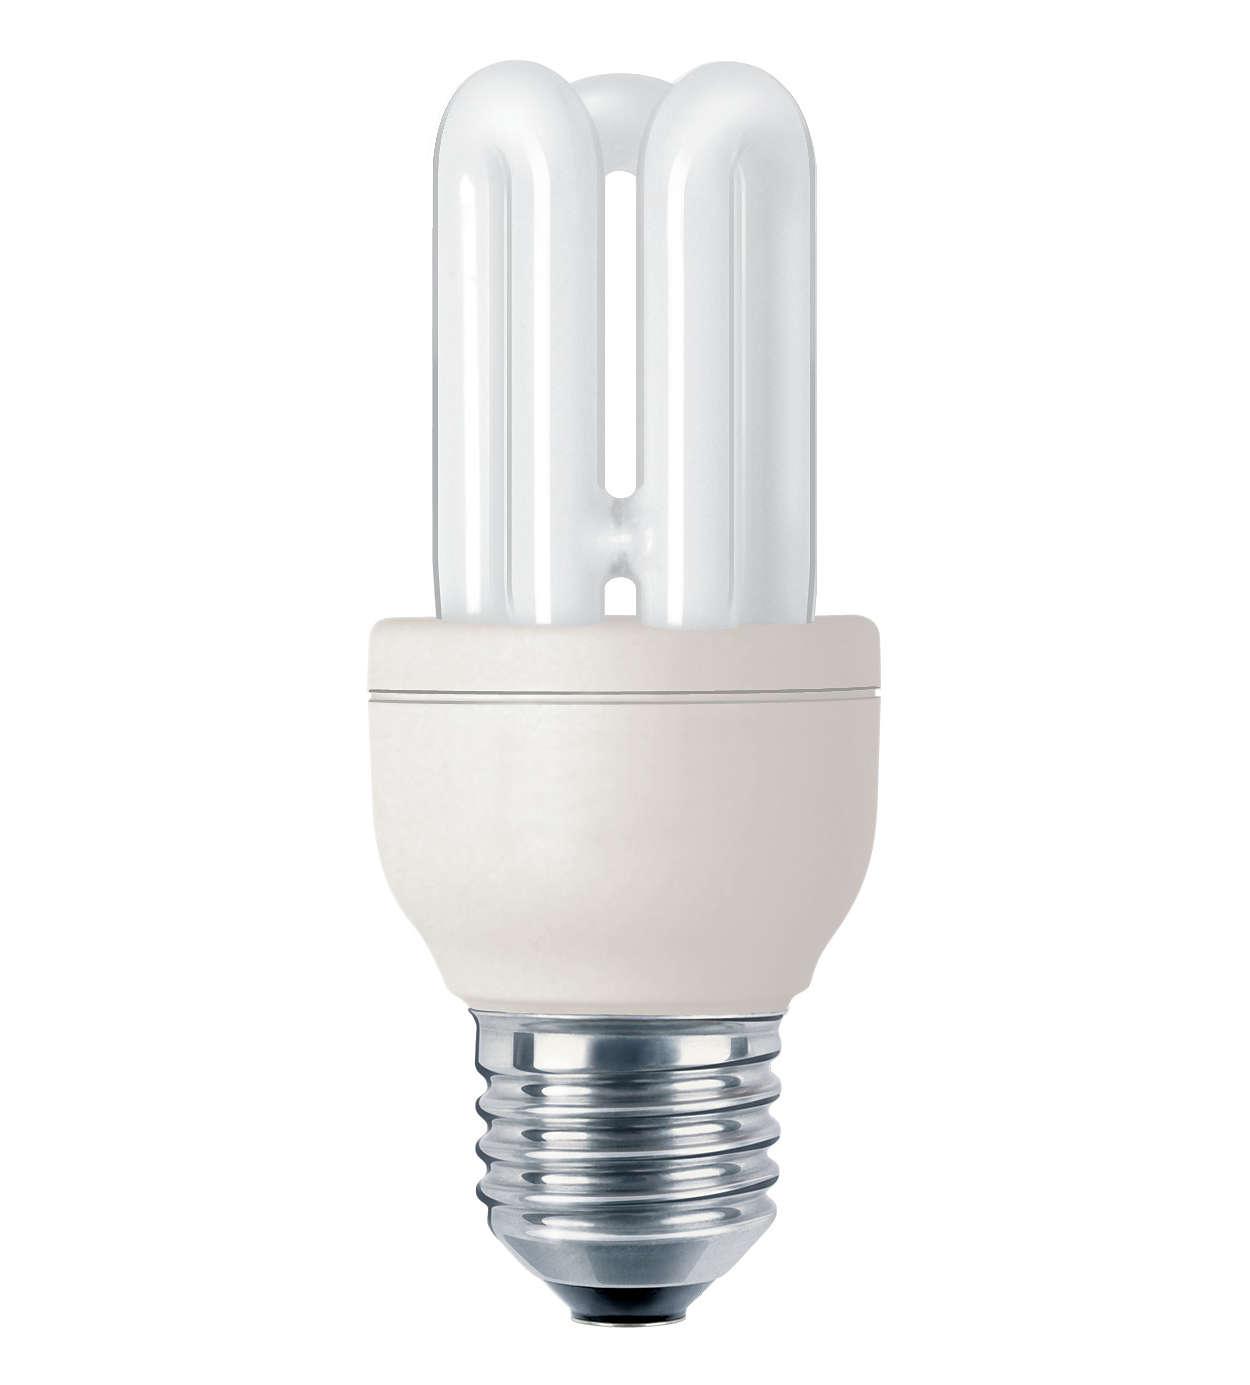 genie ampoule conomie d 39 nergie tube 871150080118010. Black Bedroom Furniture Sets. Home Design Ideas